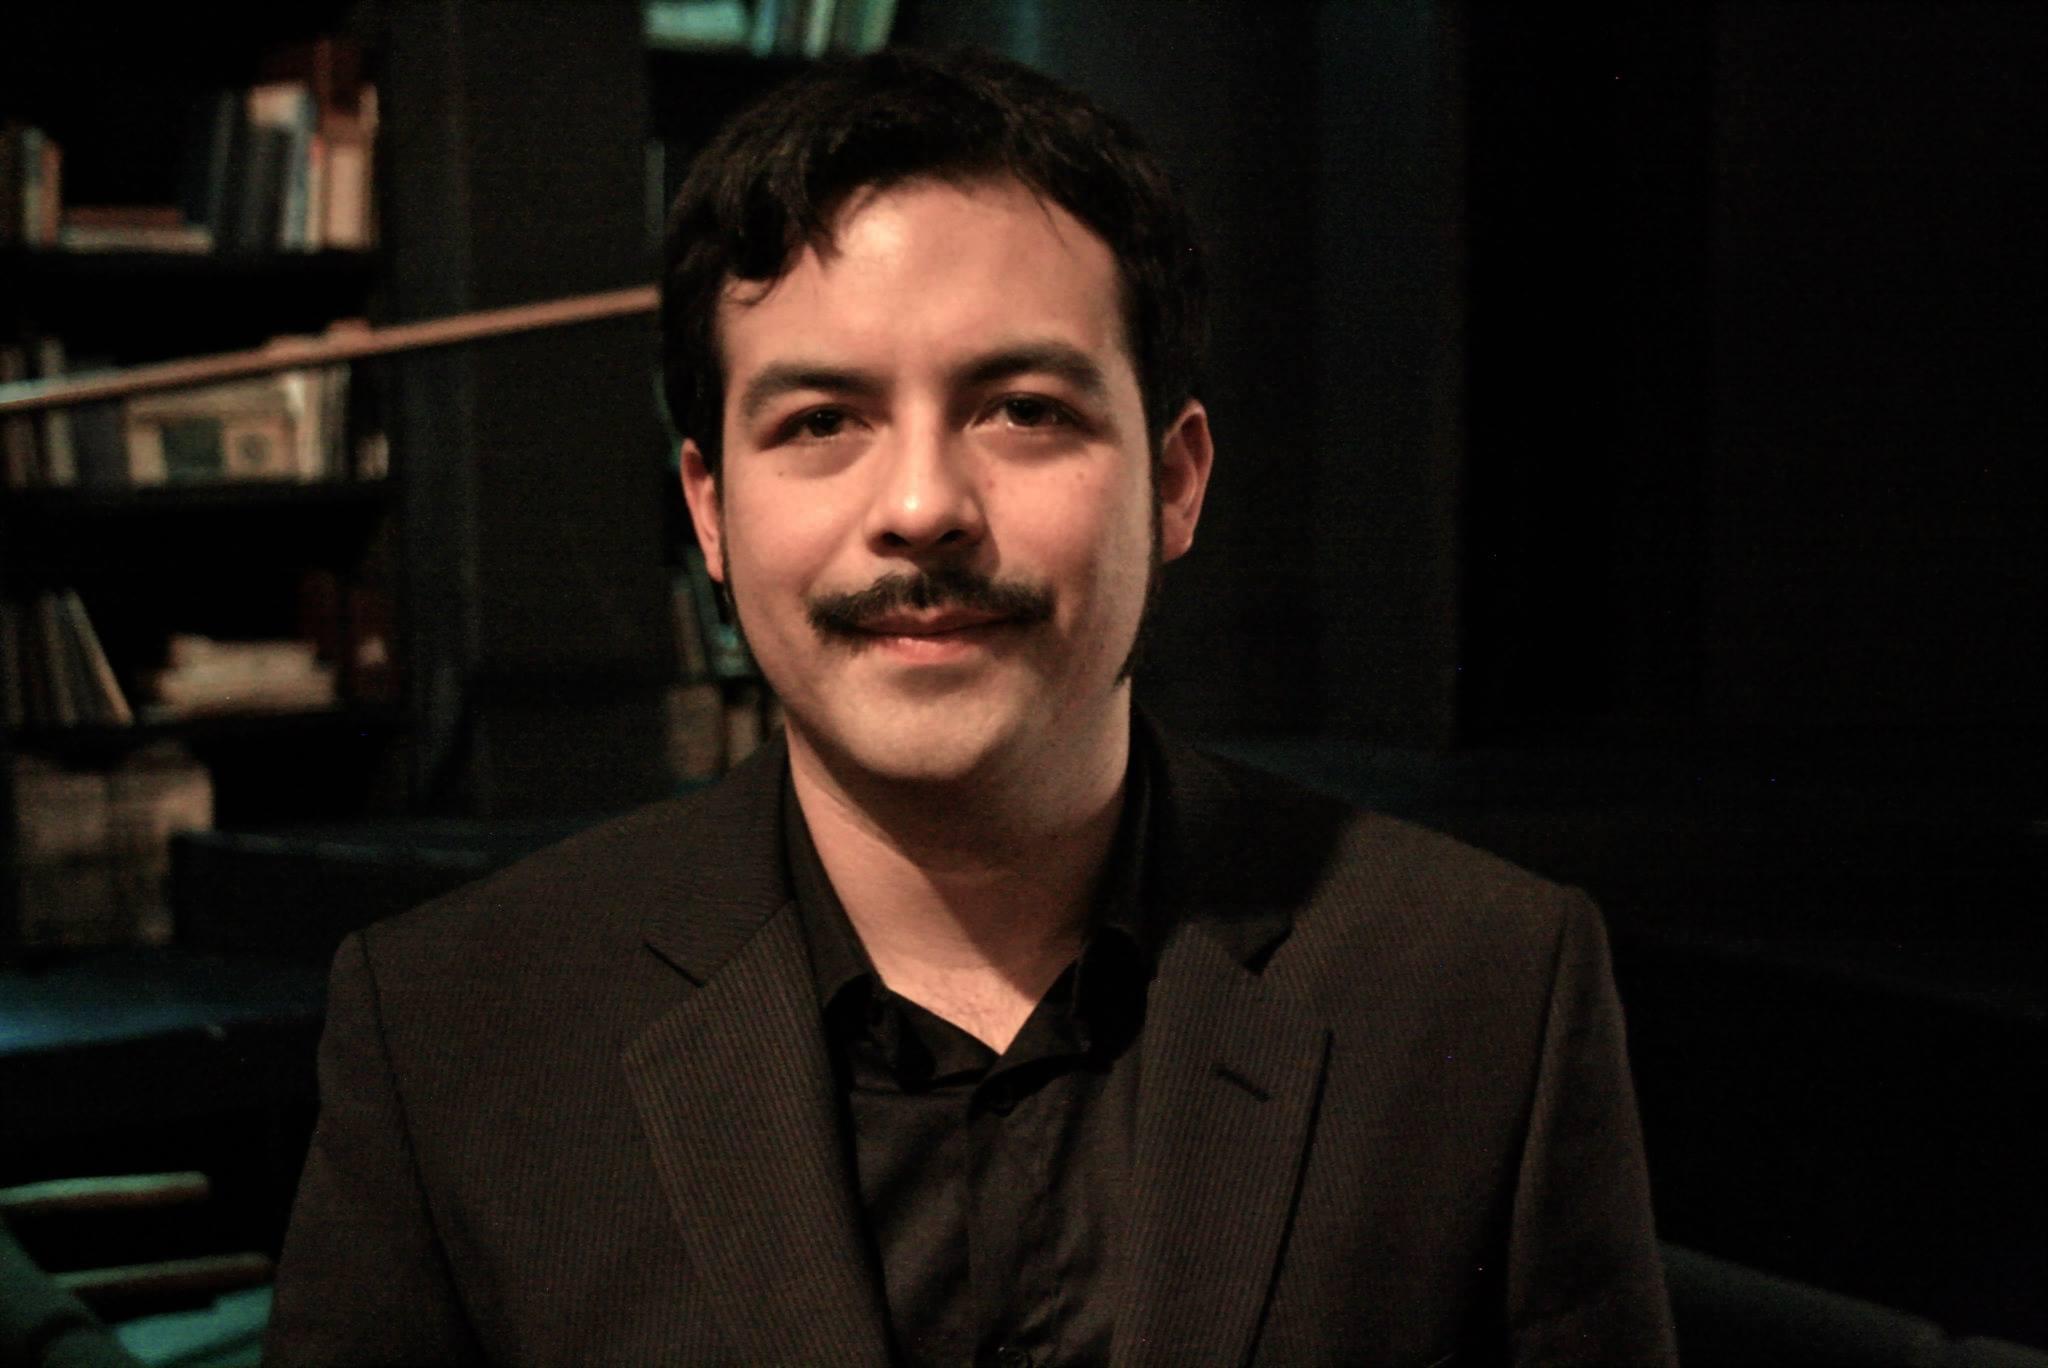 Martin Farias